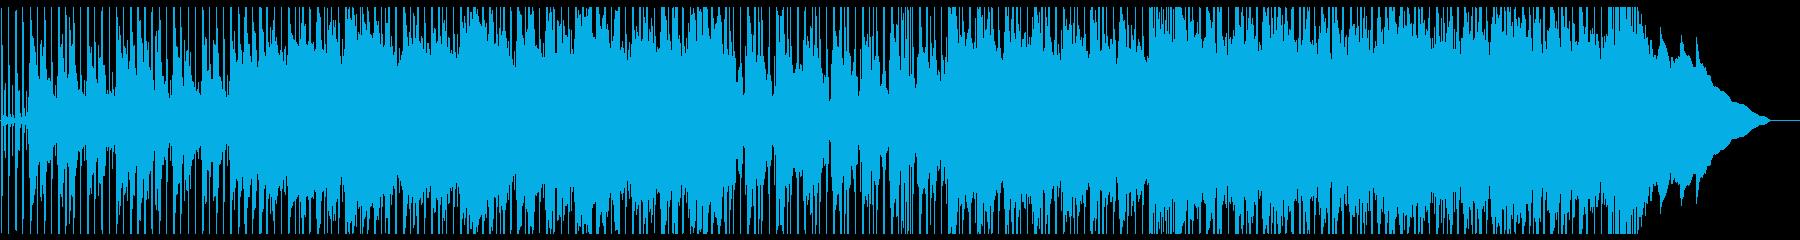 映画のような景色が見える切ない曲の再生済みの波形